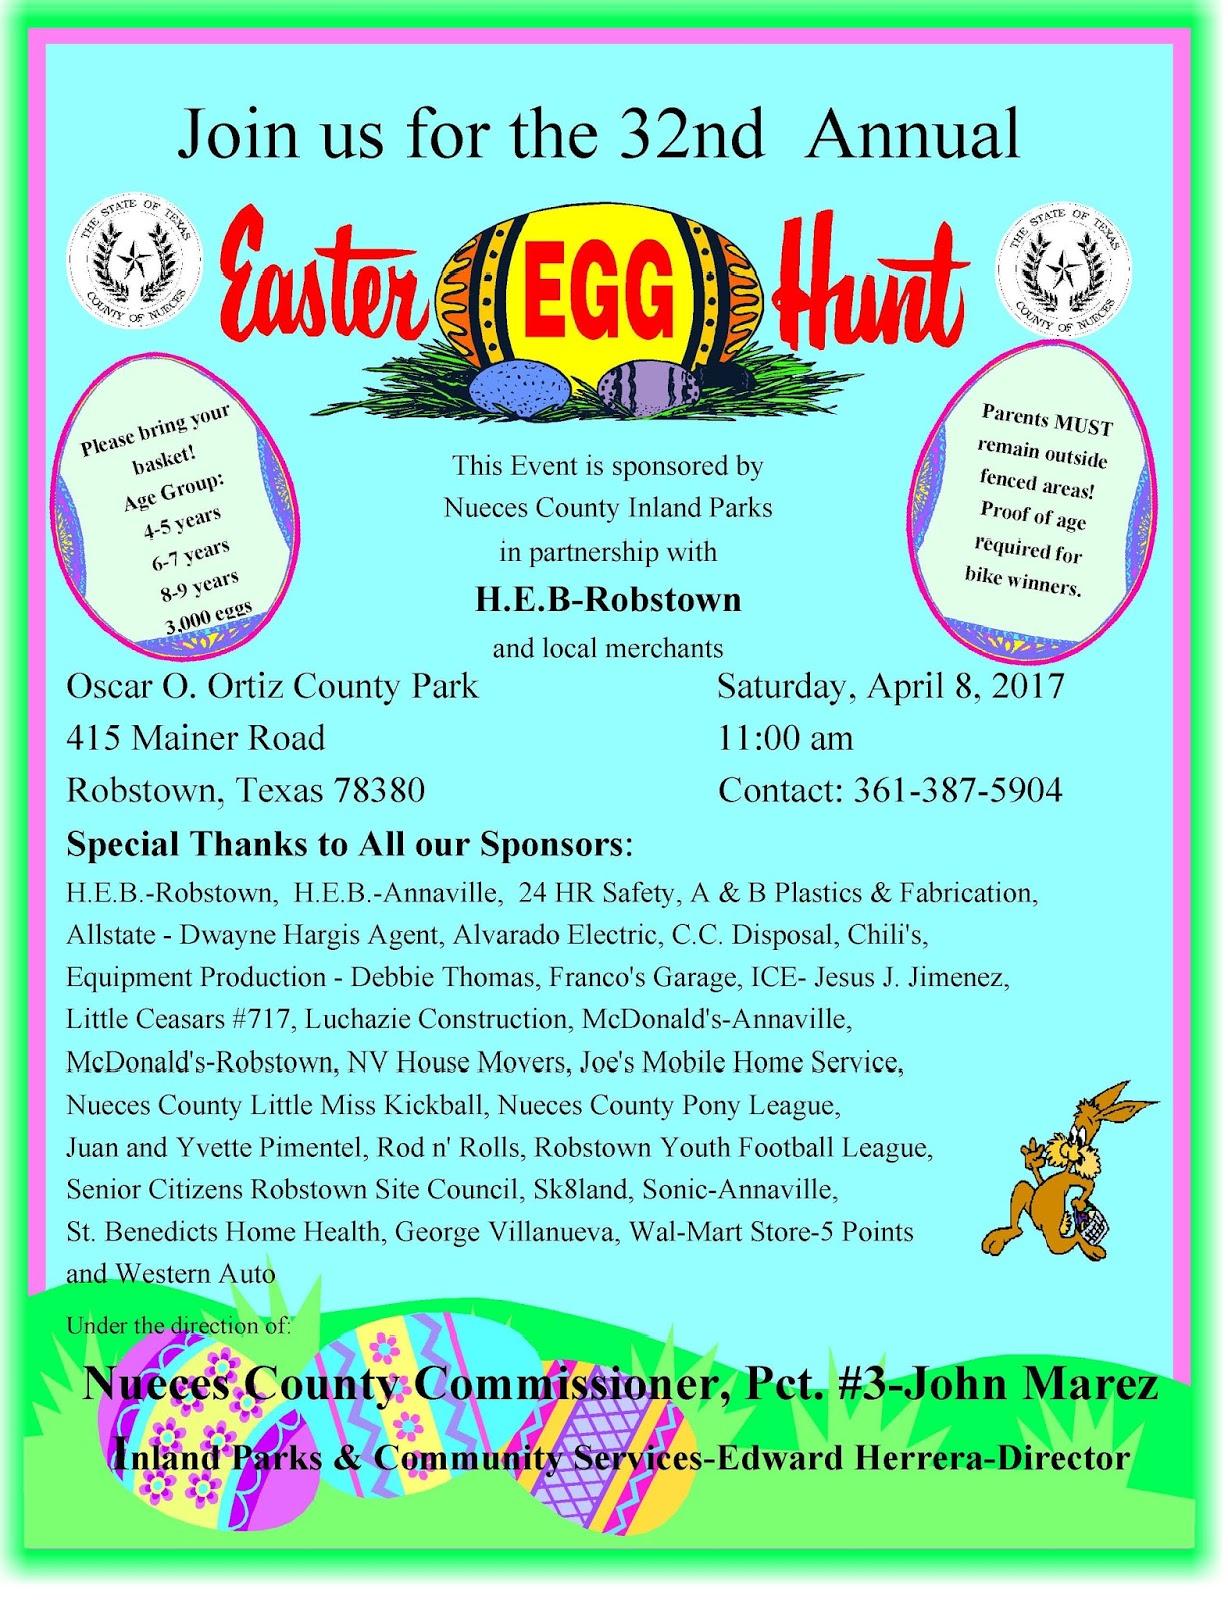 Corpus Christi Fun for Kids Easter Fun 2017 | Corpus Christi Fun for ...